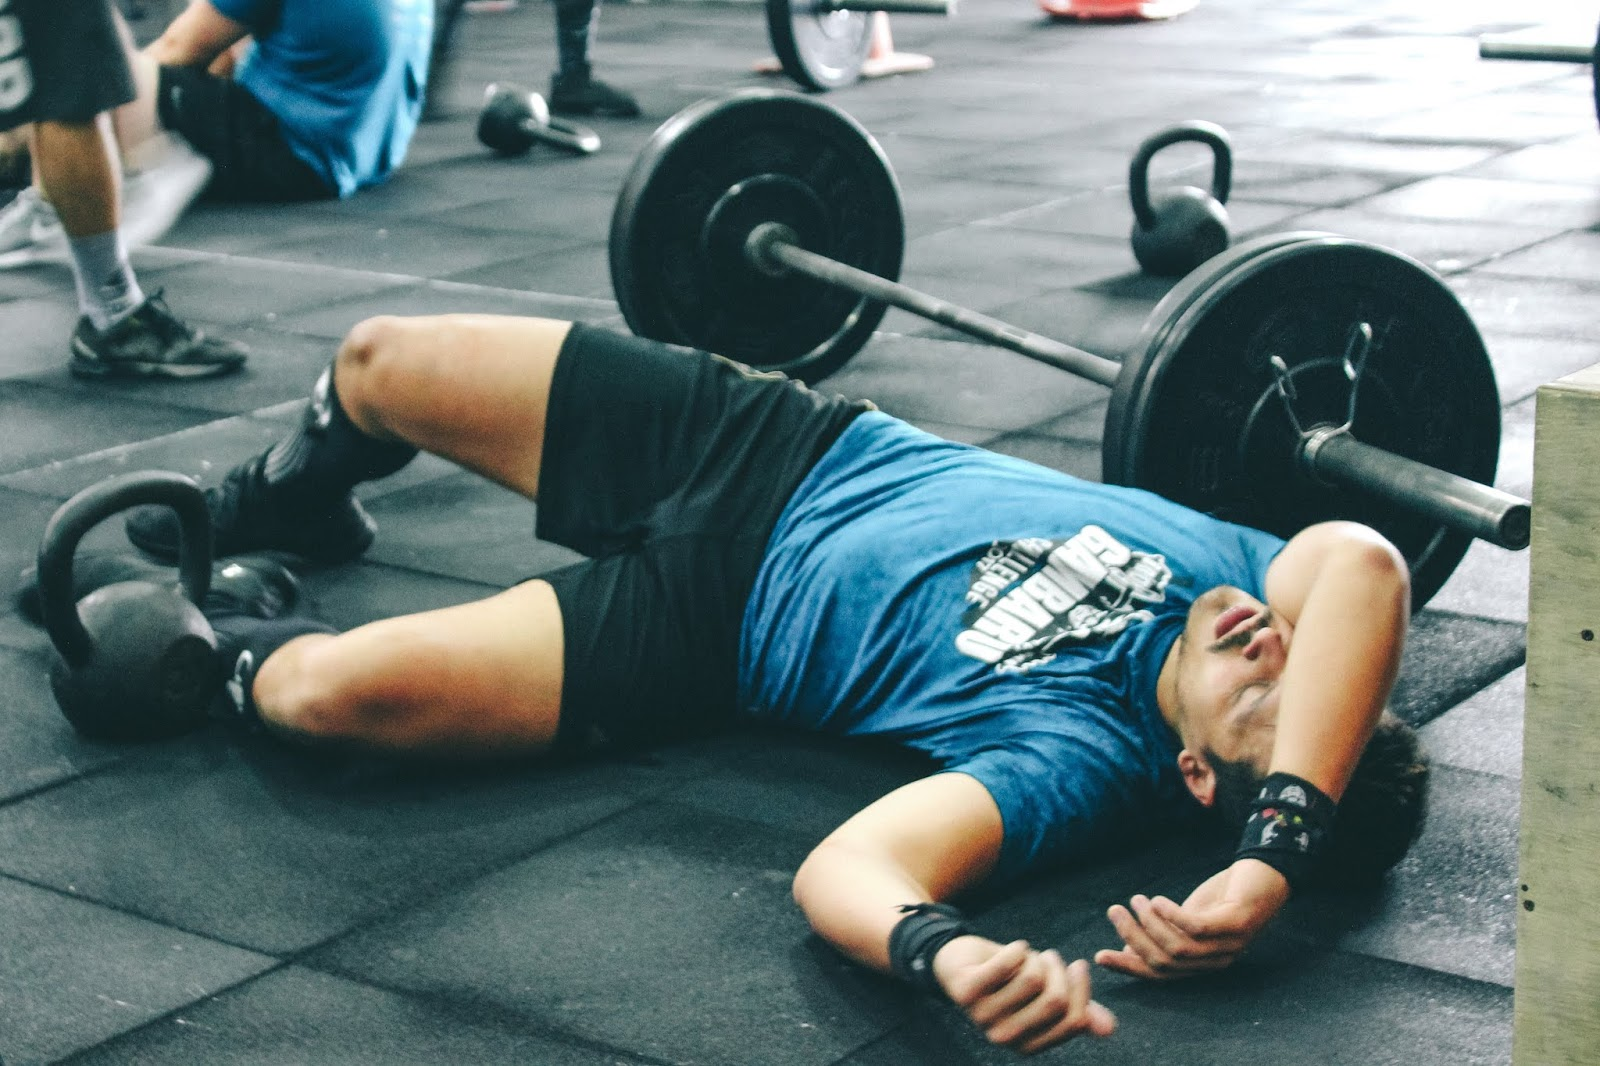 weight loss tips | इन आसान तरीको से घटाये अपना वजन